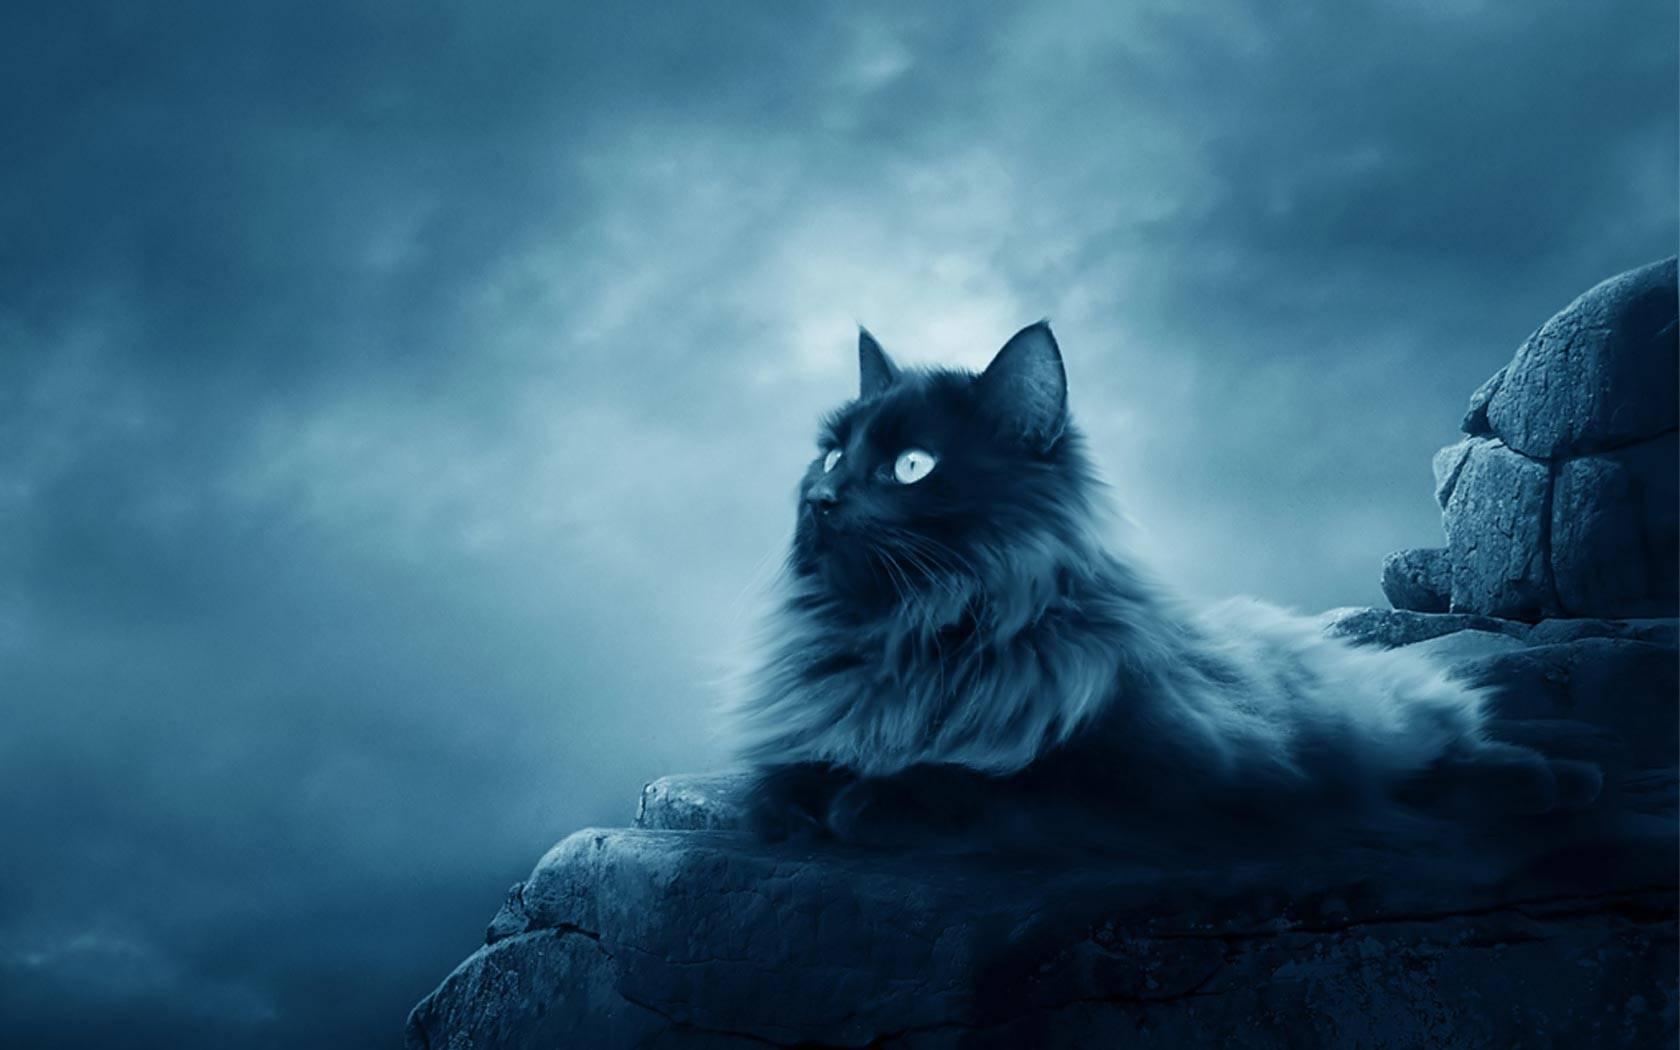 indoor cat meowing at outdoor cat